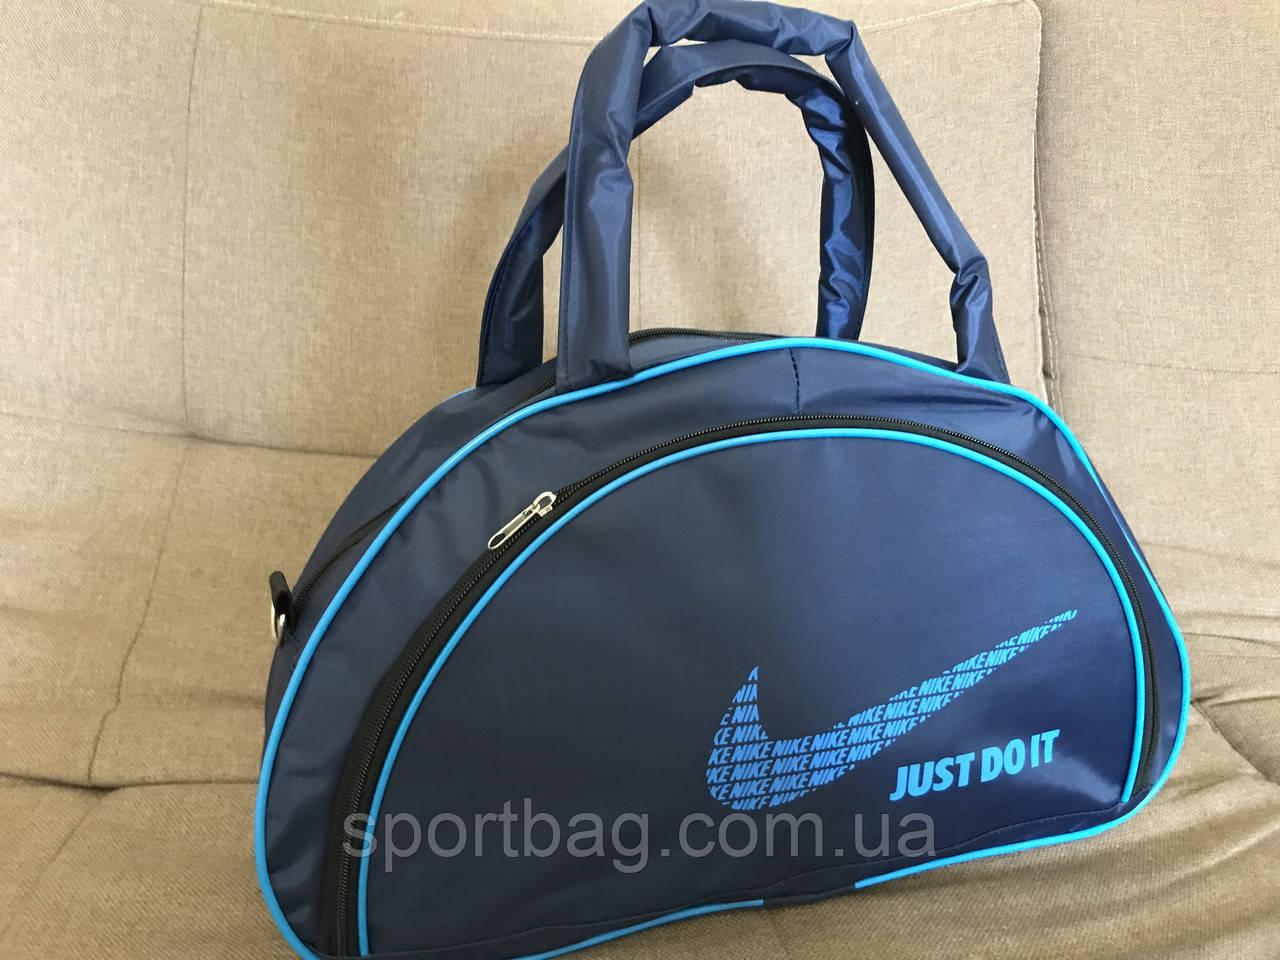 67dc4c01 Сумка женская Nike, модель МВ (синий+голубой цвет): продажа, цена в ...